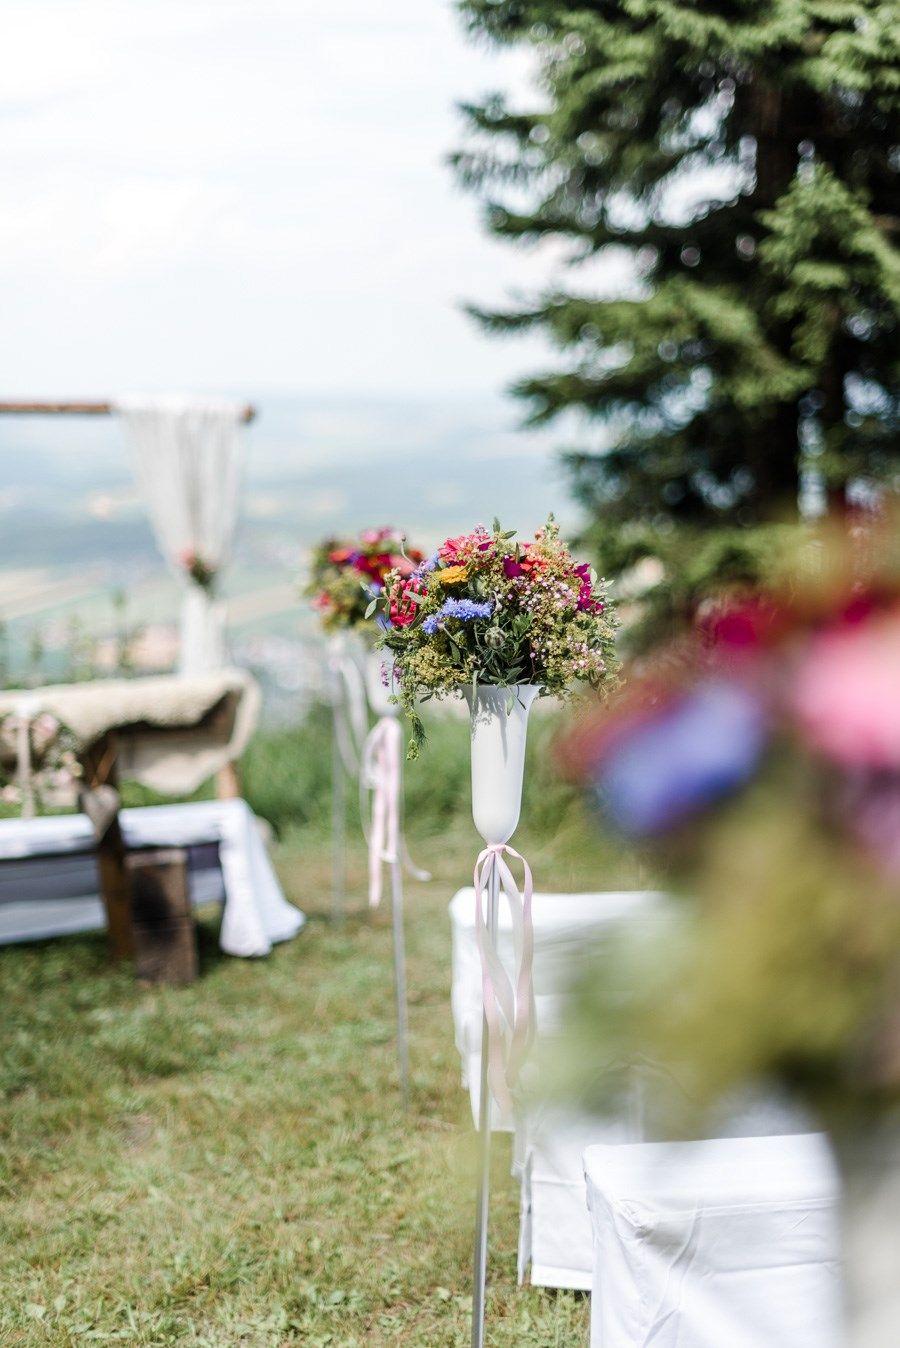 Echte Hochzeit Auf Einer Bergwiese Vor Dem Gasthof Schonblick Im Bayerischen Wald Hochzeit Ablauf Hochzeit Motto Hochzeit